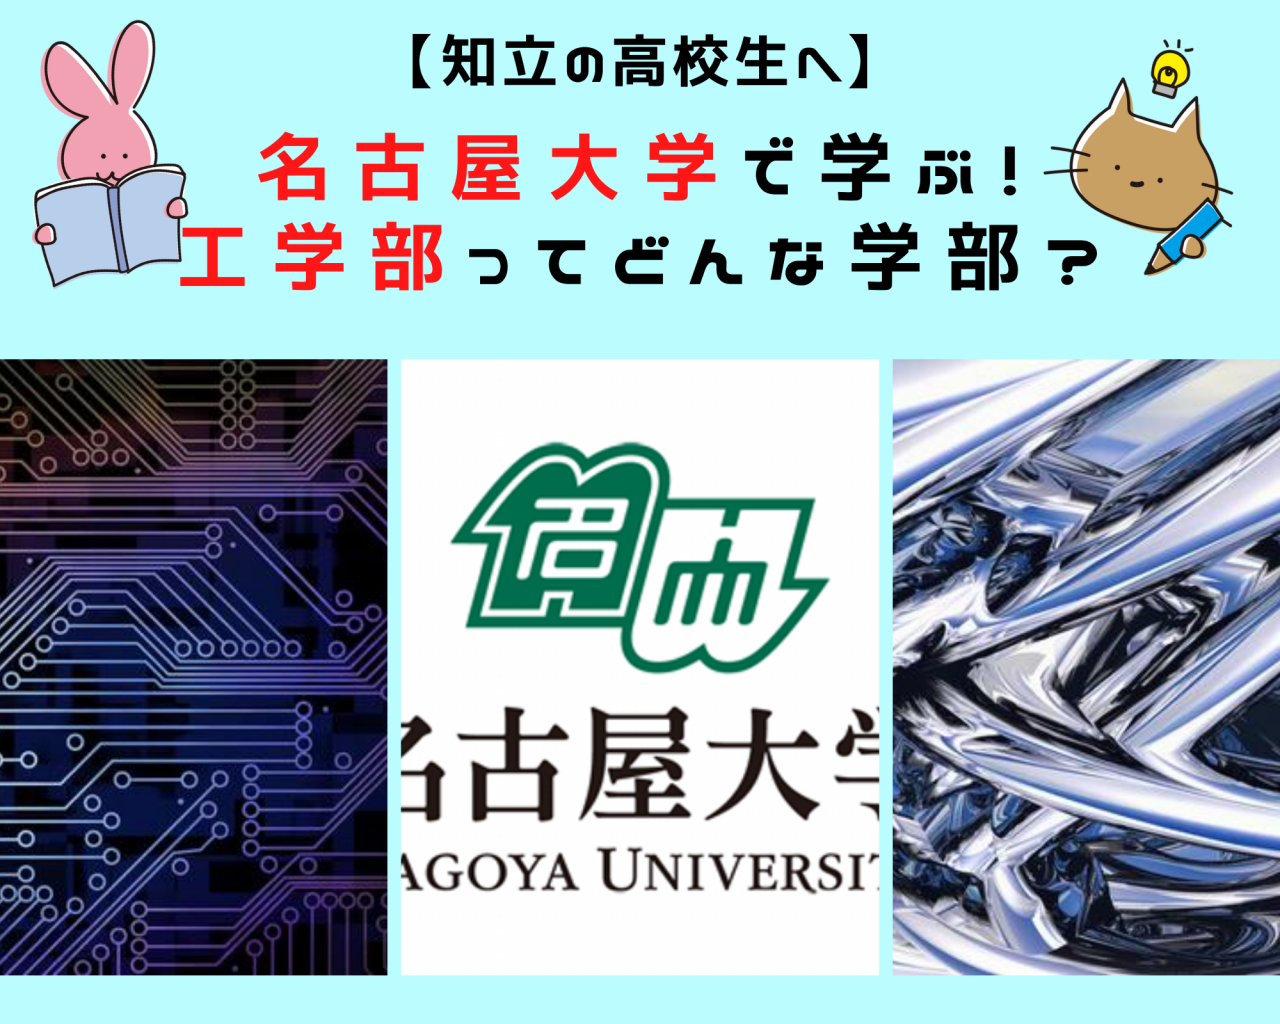 【知立の高校生へ】名大で学ぶ!工学部ってどんな学部?